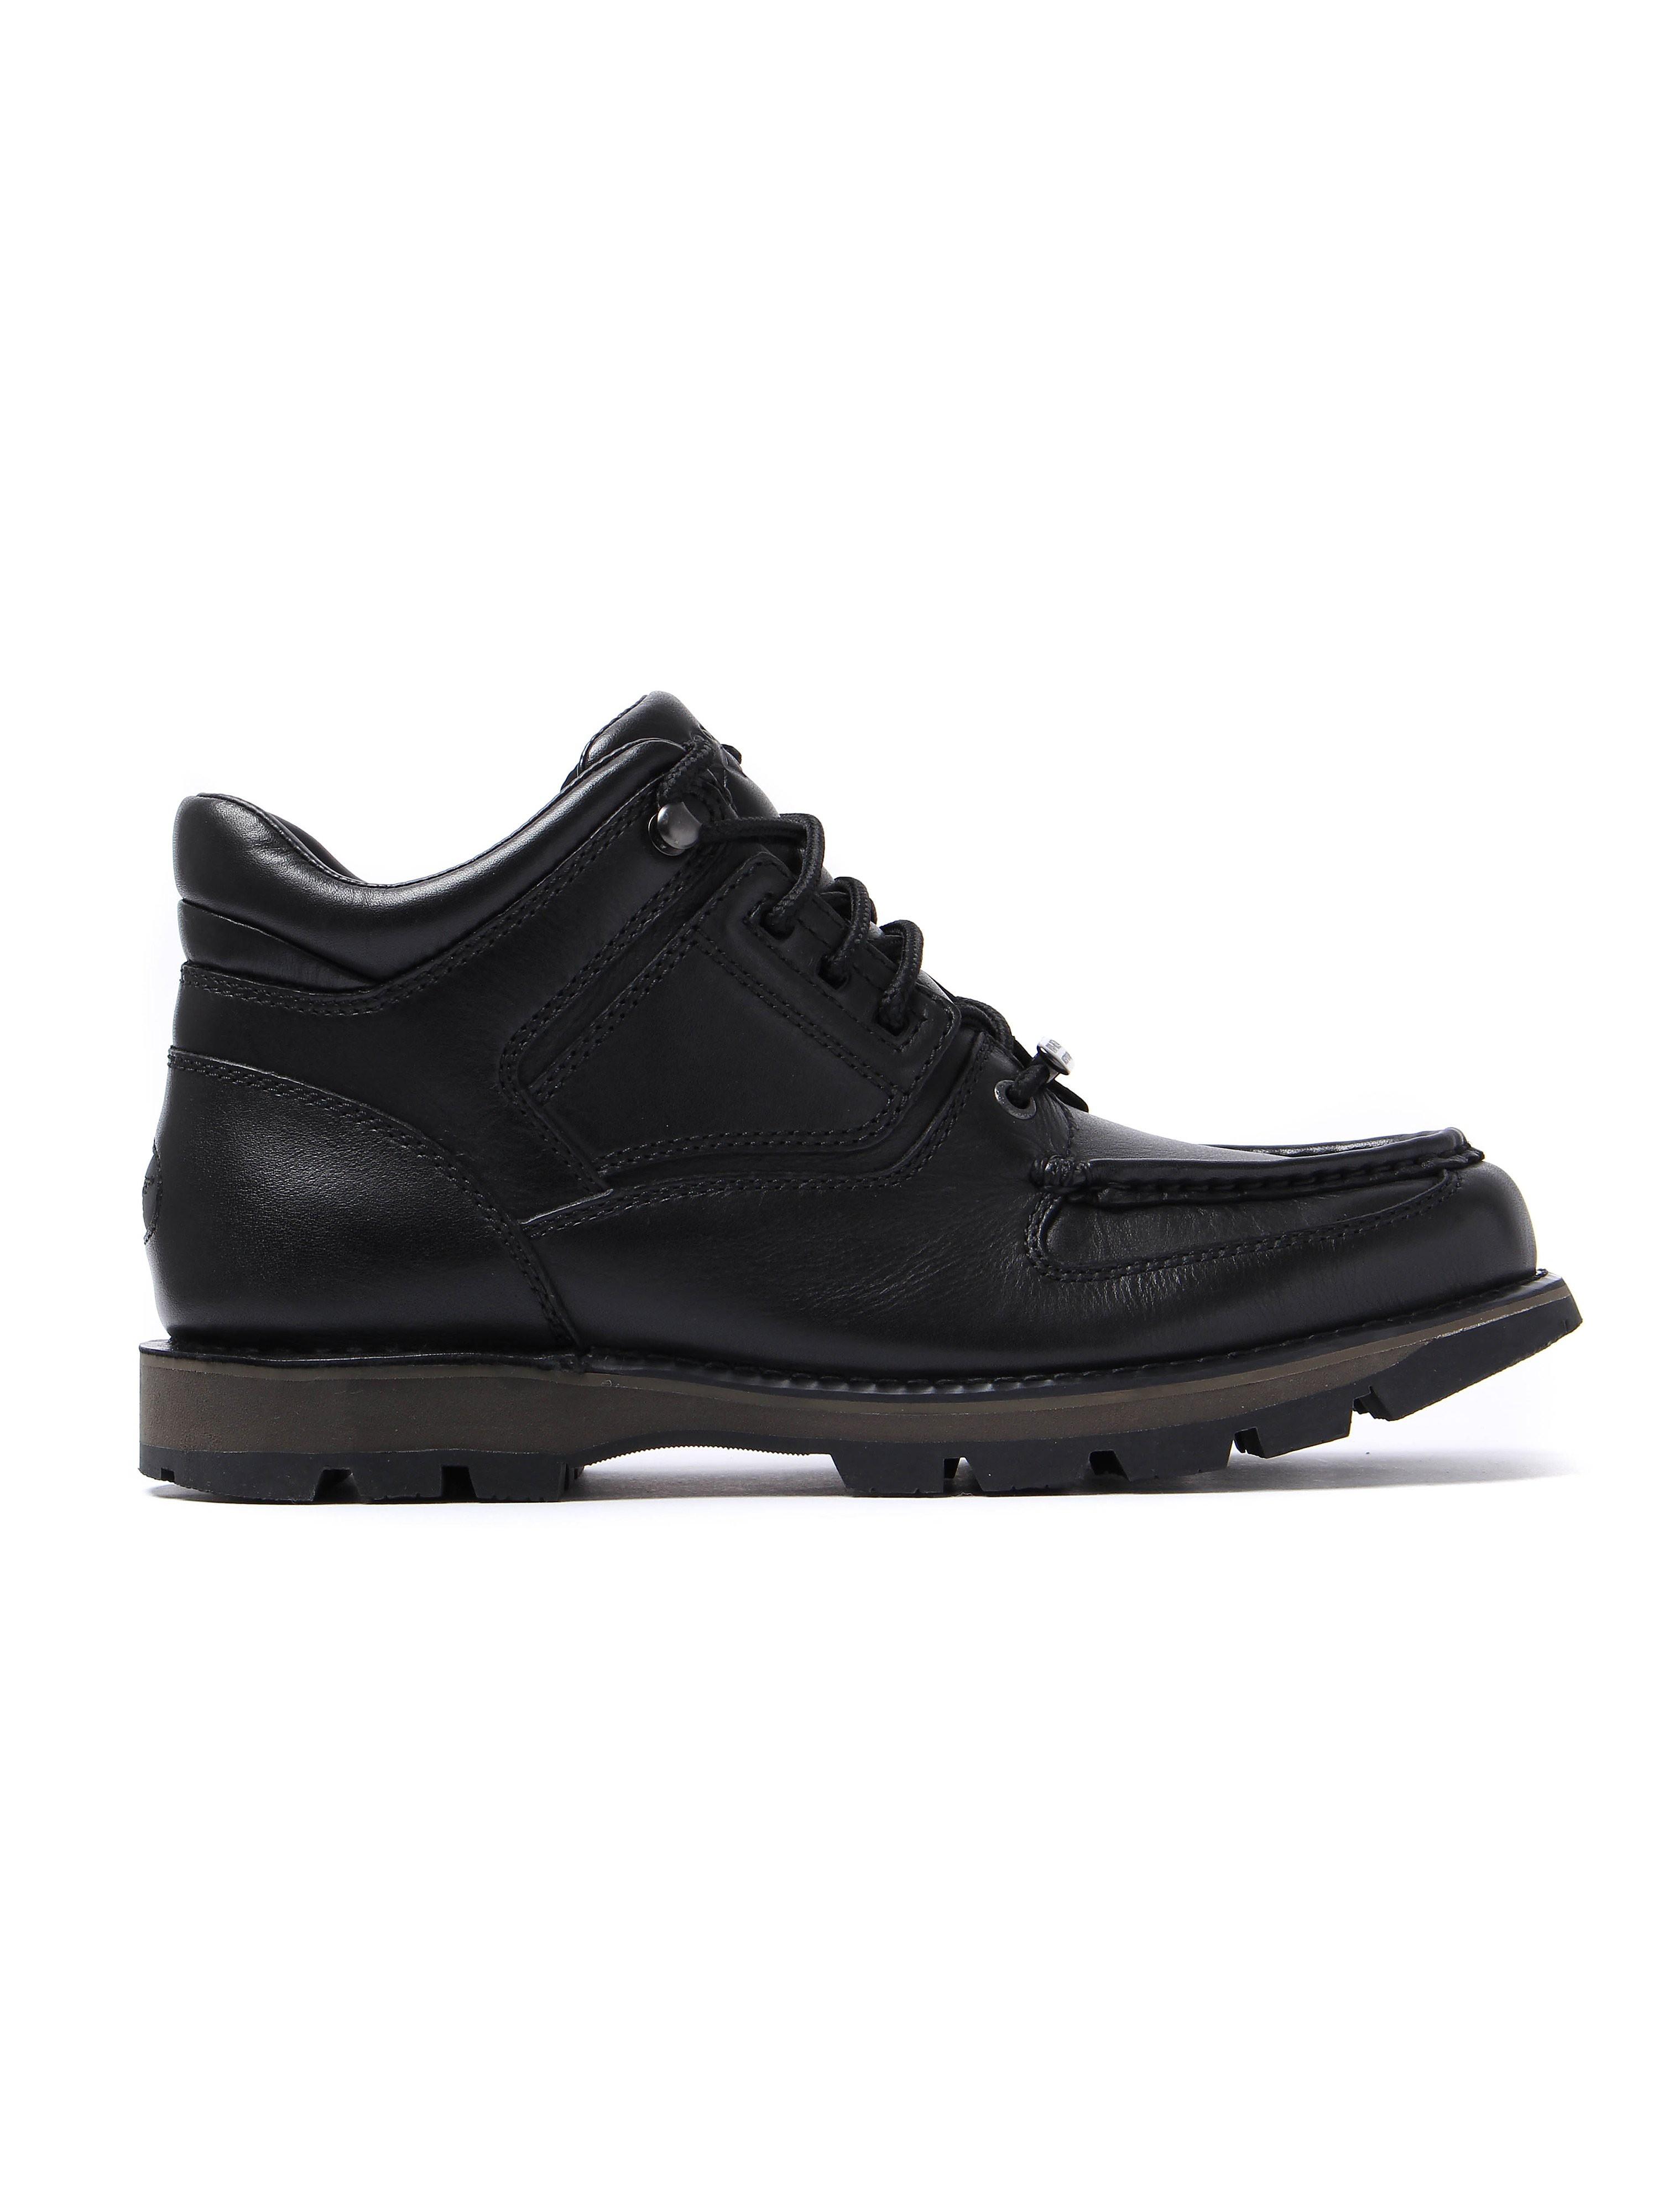 Rockport Umbwe Trail Men's Boots - Black